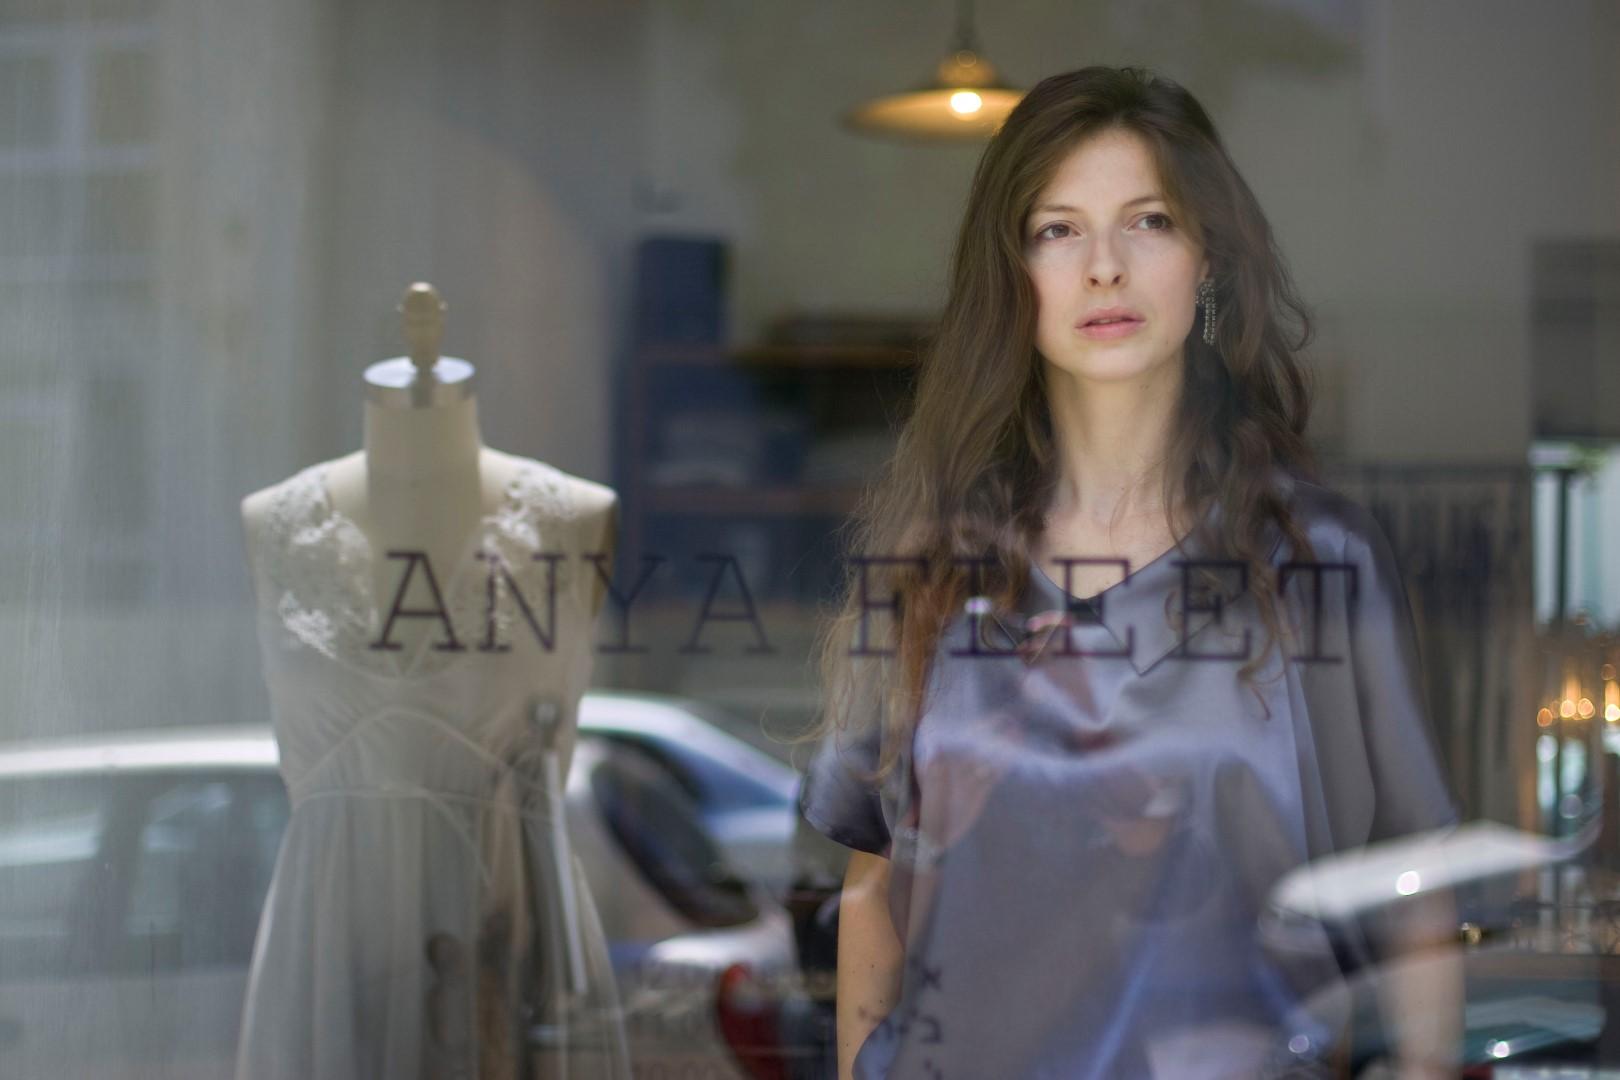 אניה פליט  2009